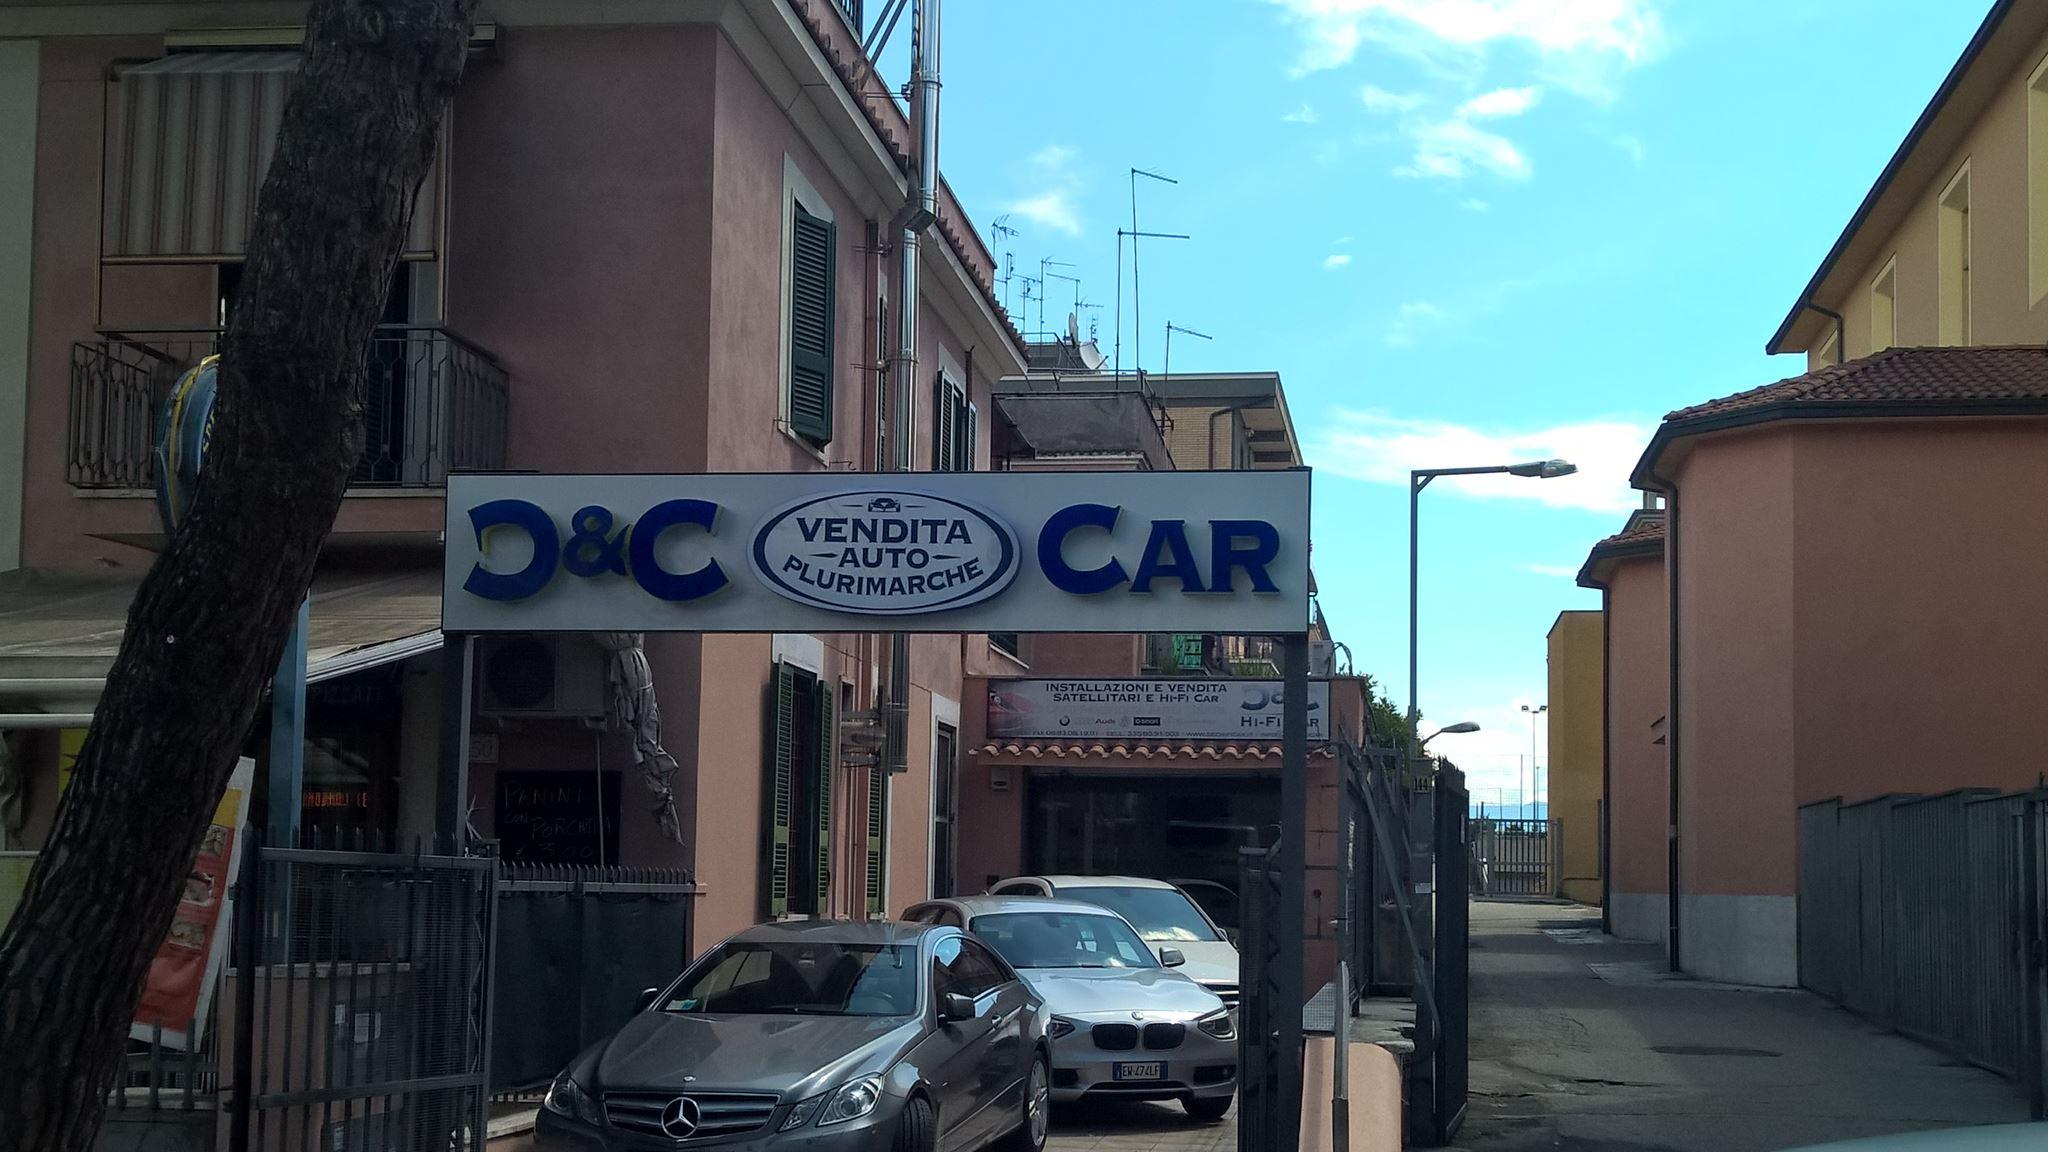 striscione D&C CAR